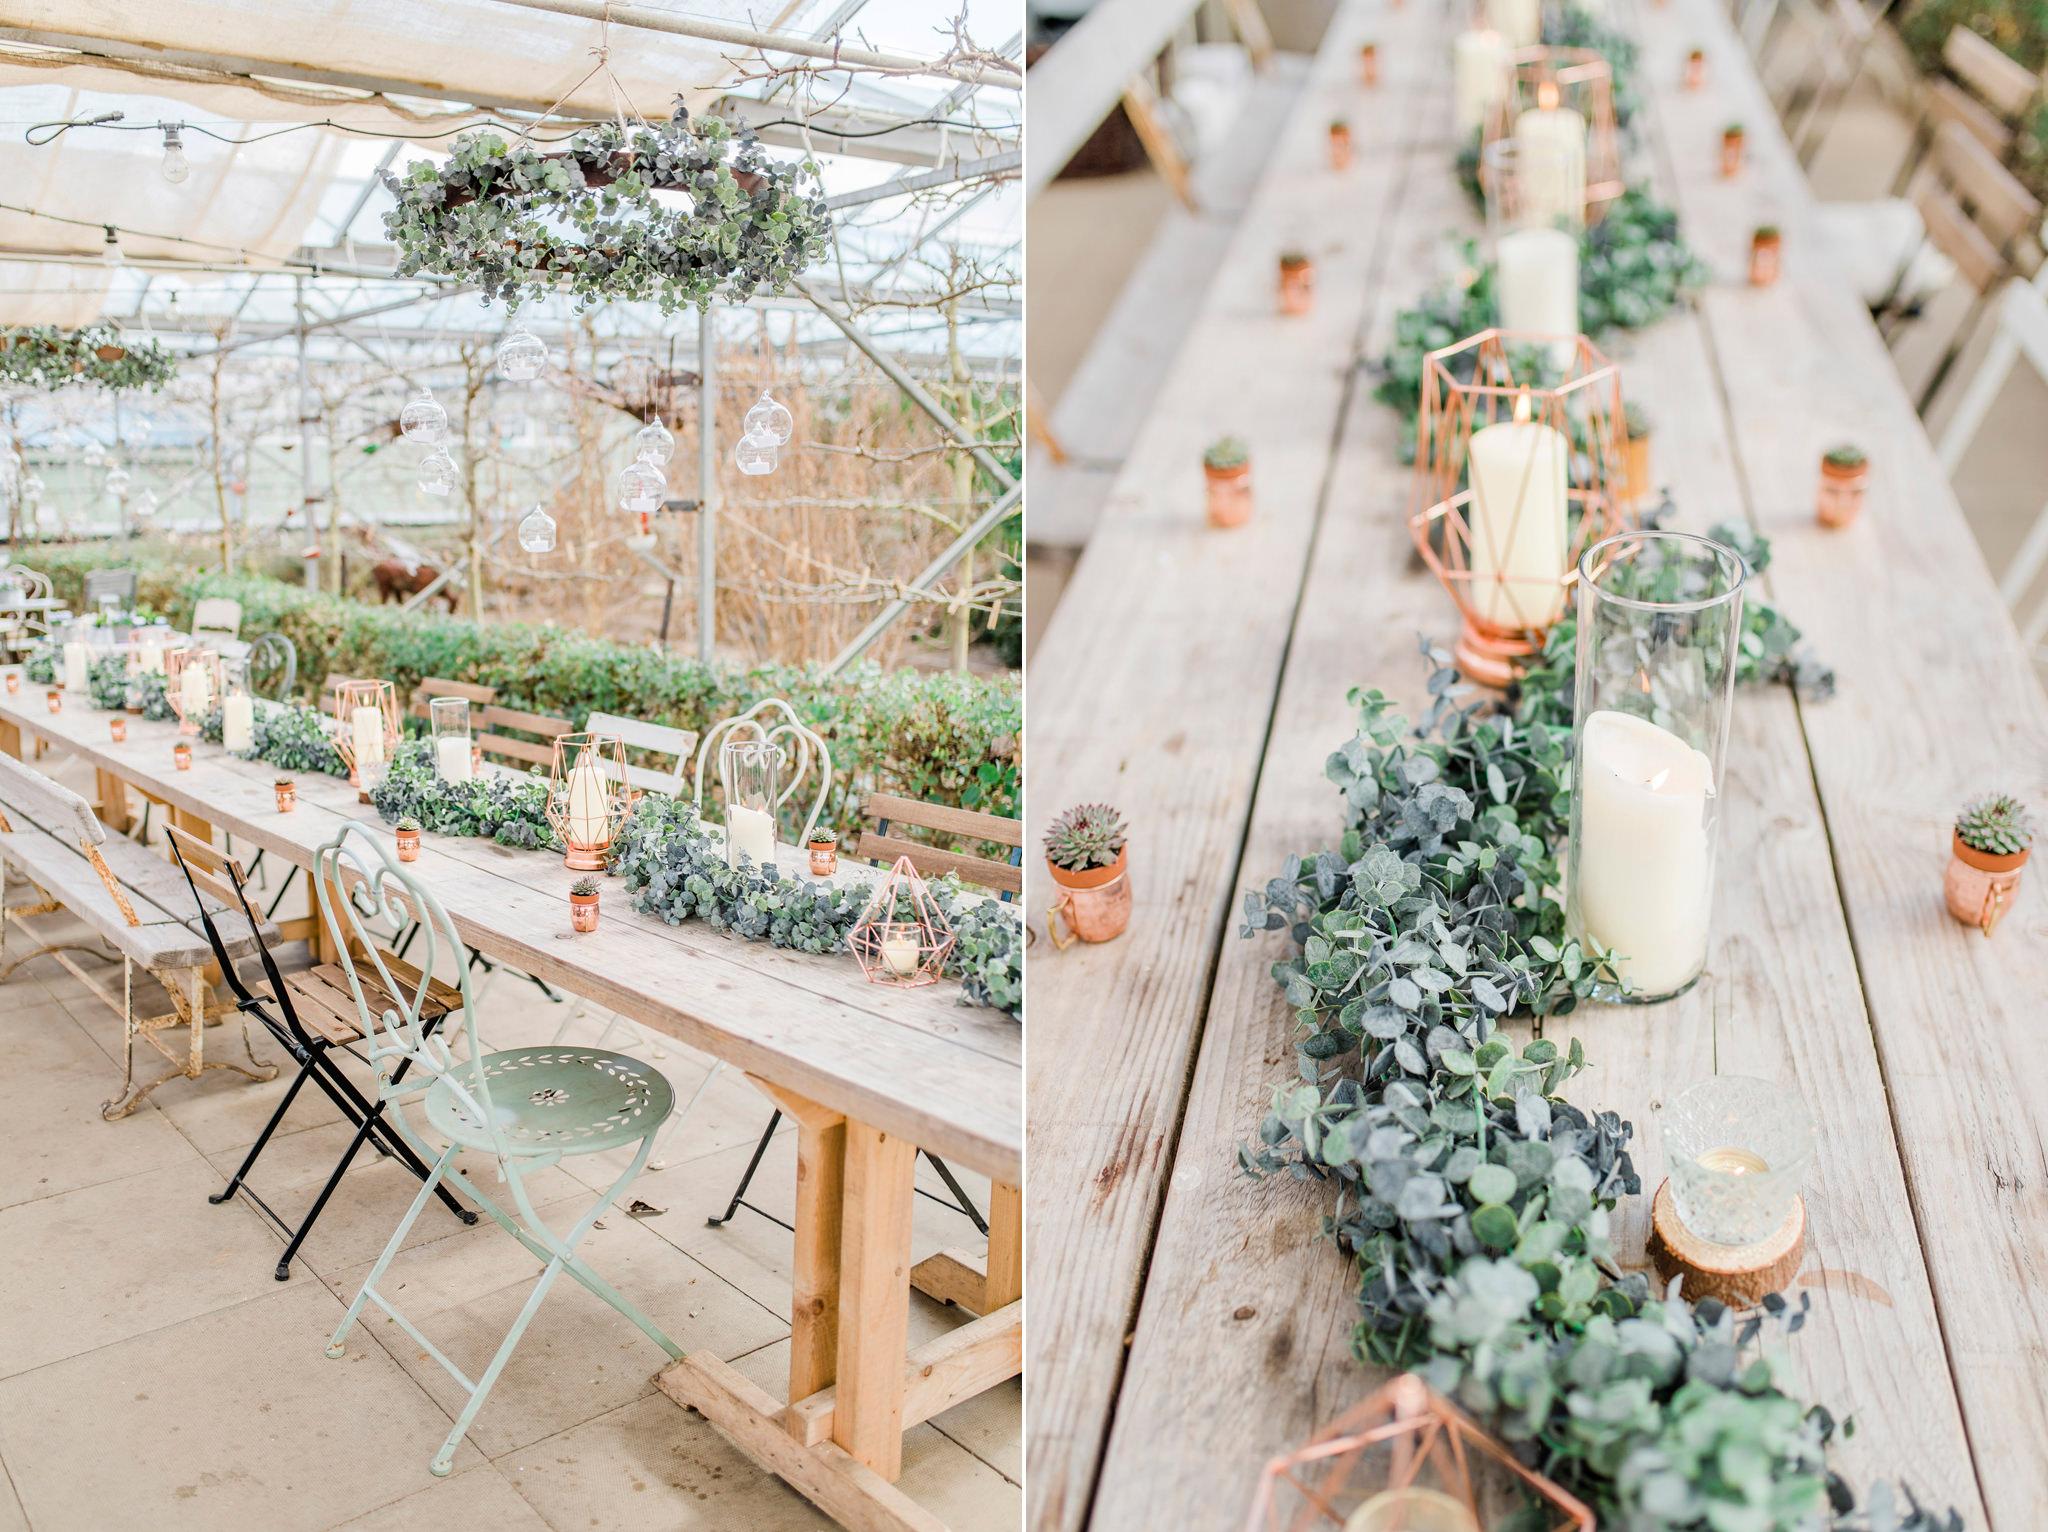 secret-herb-garden-wedding-photographer-edinburgh-26.jpg